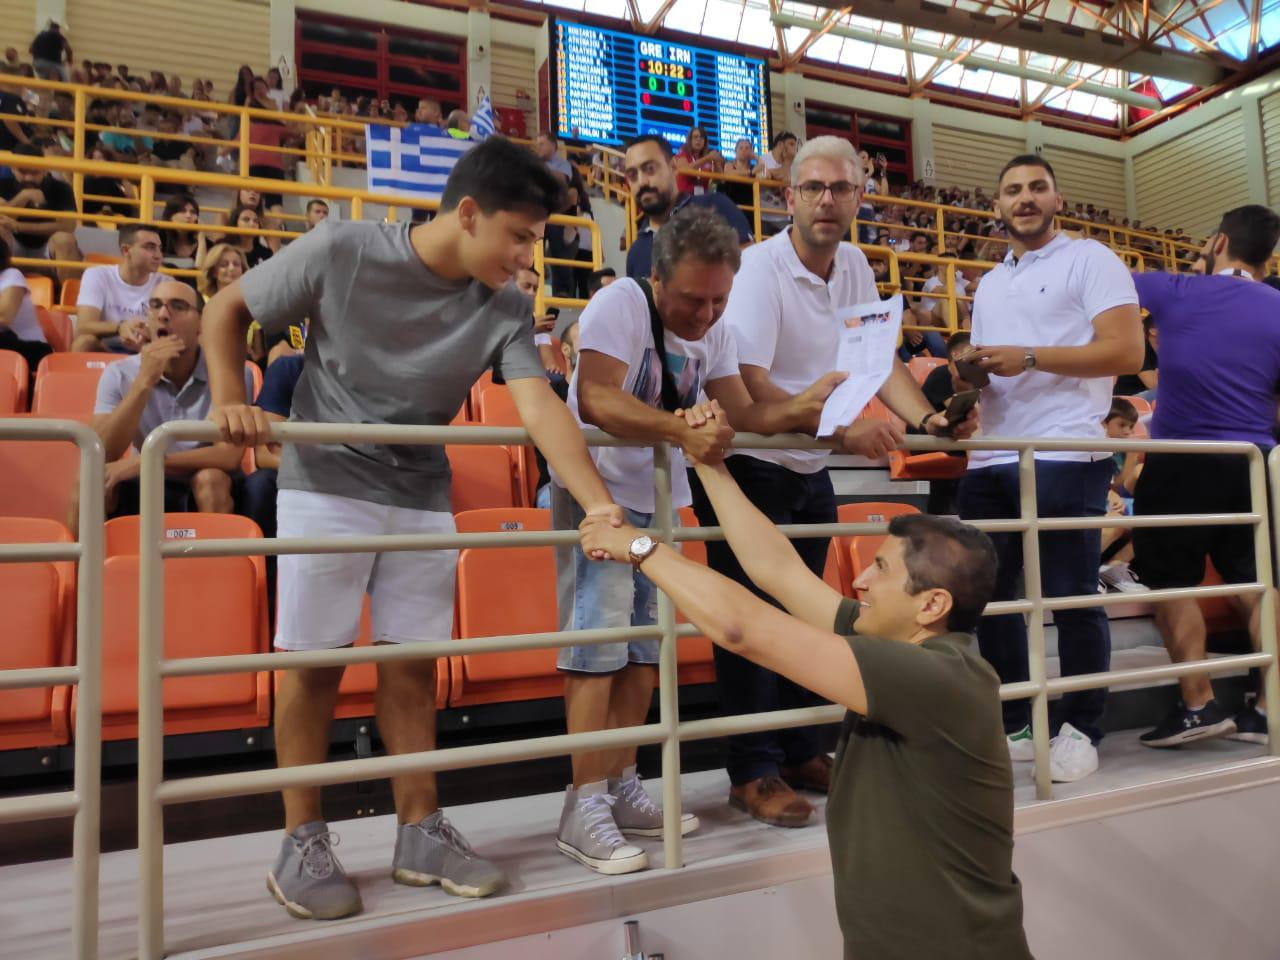 Με χαμόγελα και καλωσορίσματα υποδέχτηκαν τον Υφυπουργό Αθλητισμού στις περιγραφές των αγώνων του ΟΦΗ